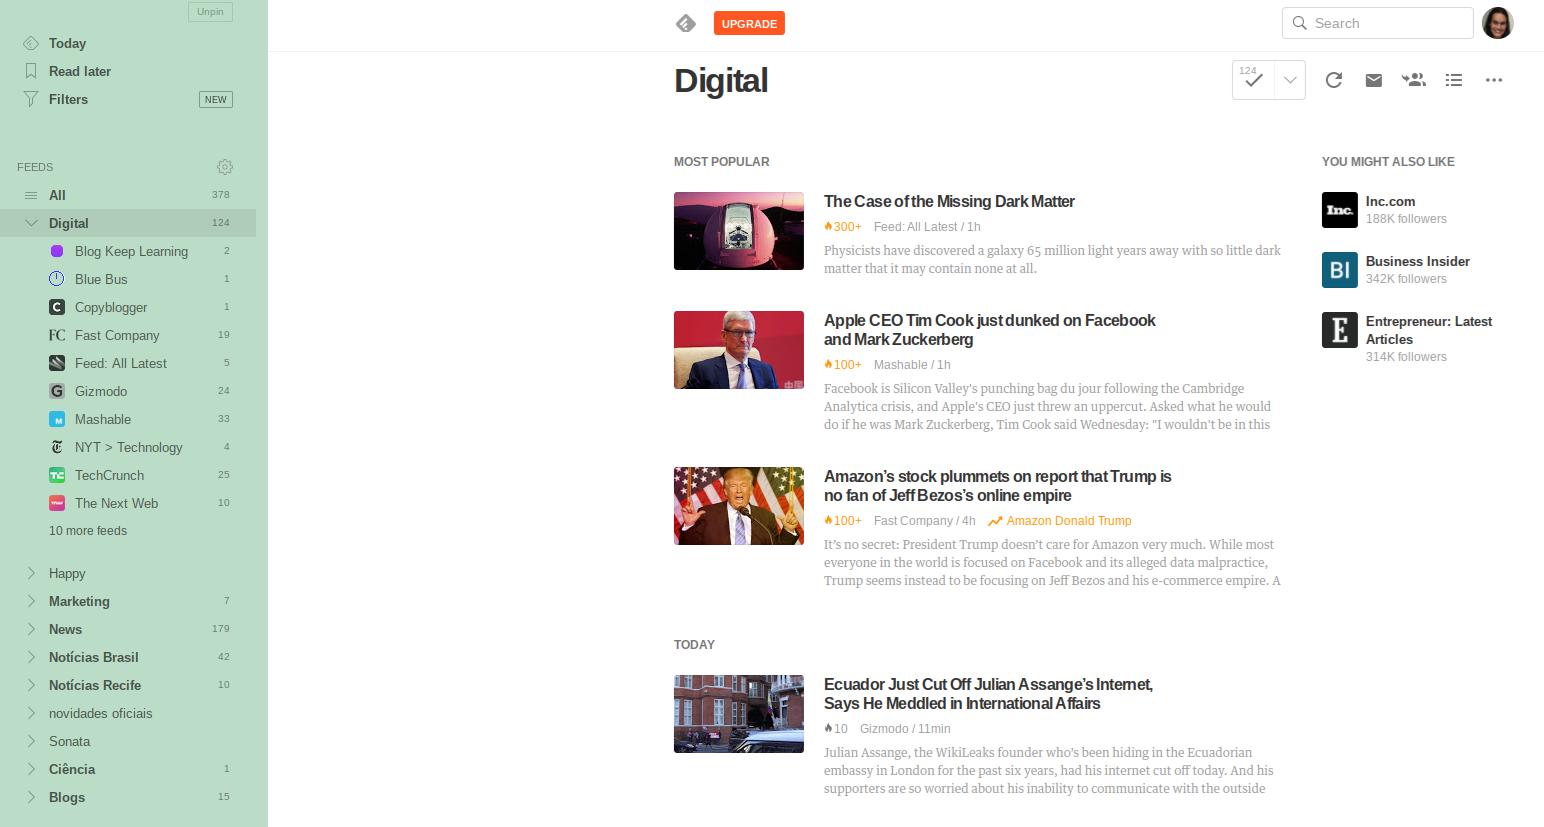 """(Descrição da imagem: Print da tela de computador mostrando o Feedly com as matérias da editoria """"Digital"""")"""